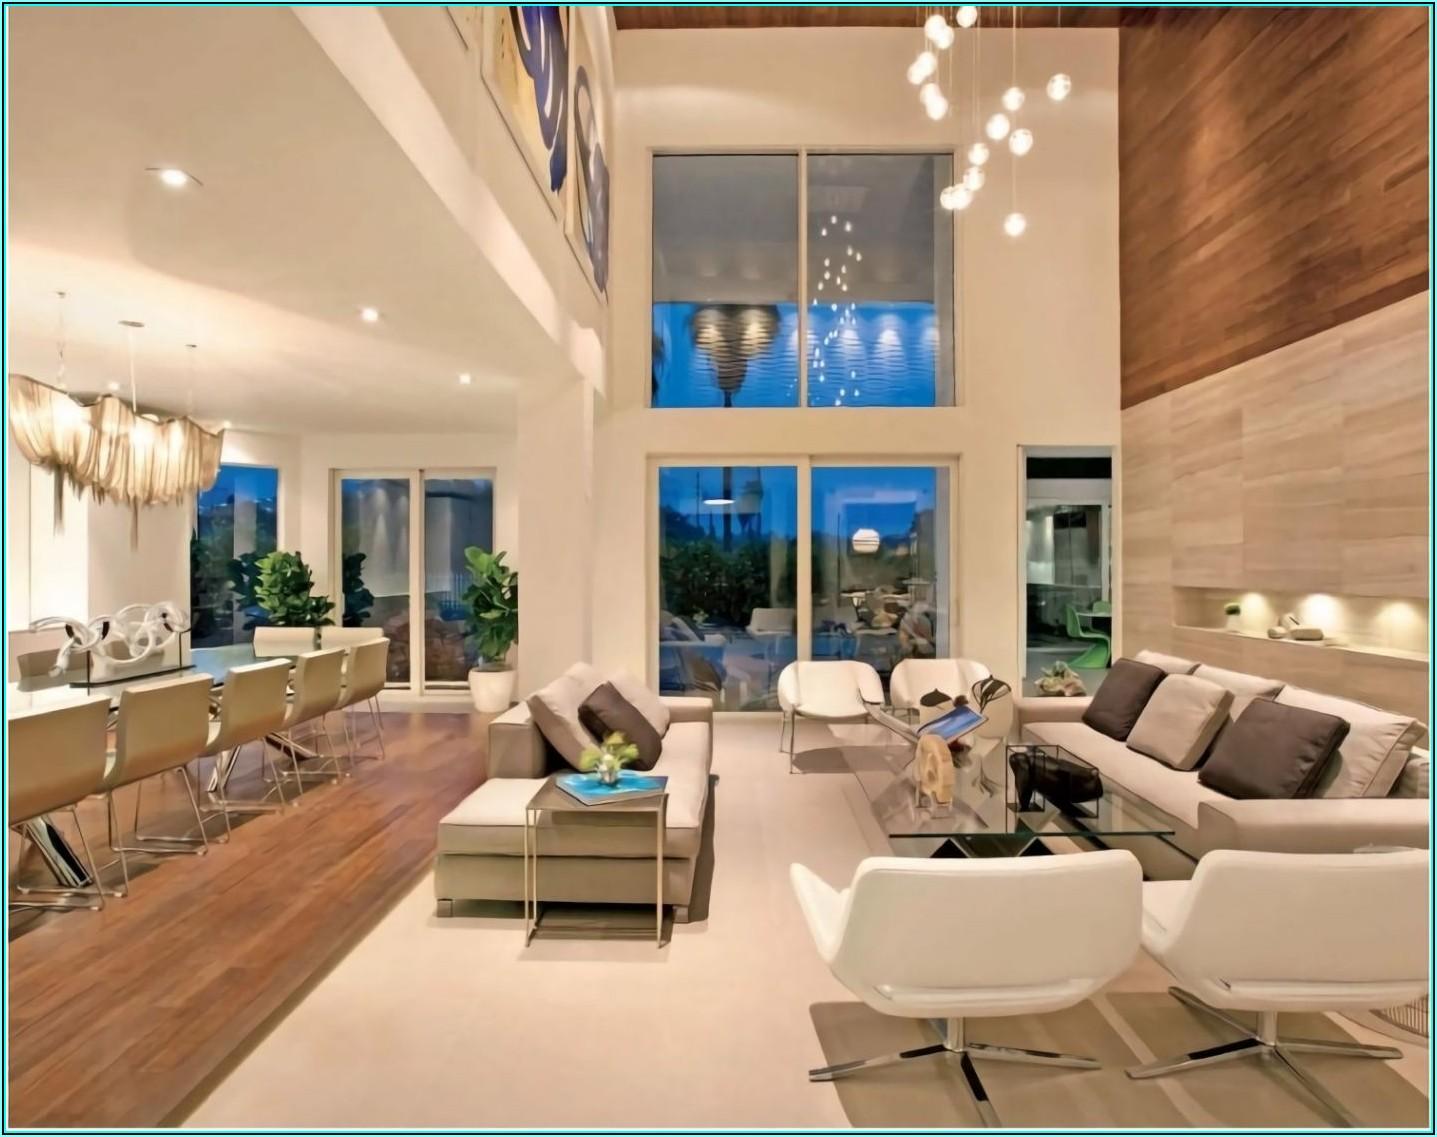 Bilder Für Wohnzimmer Groß